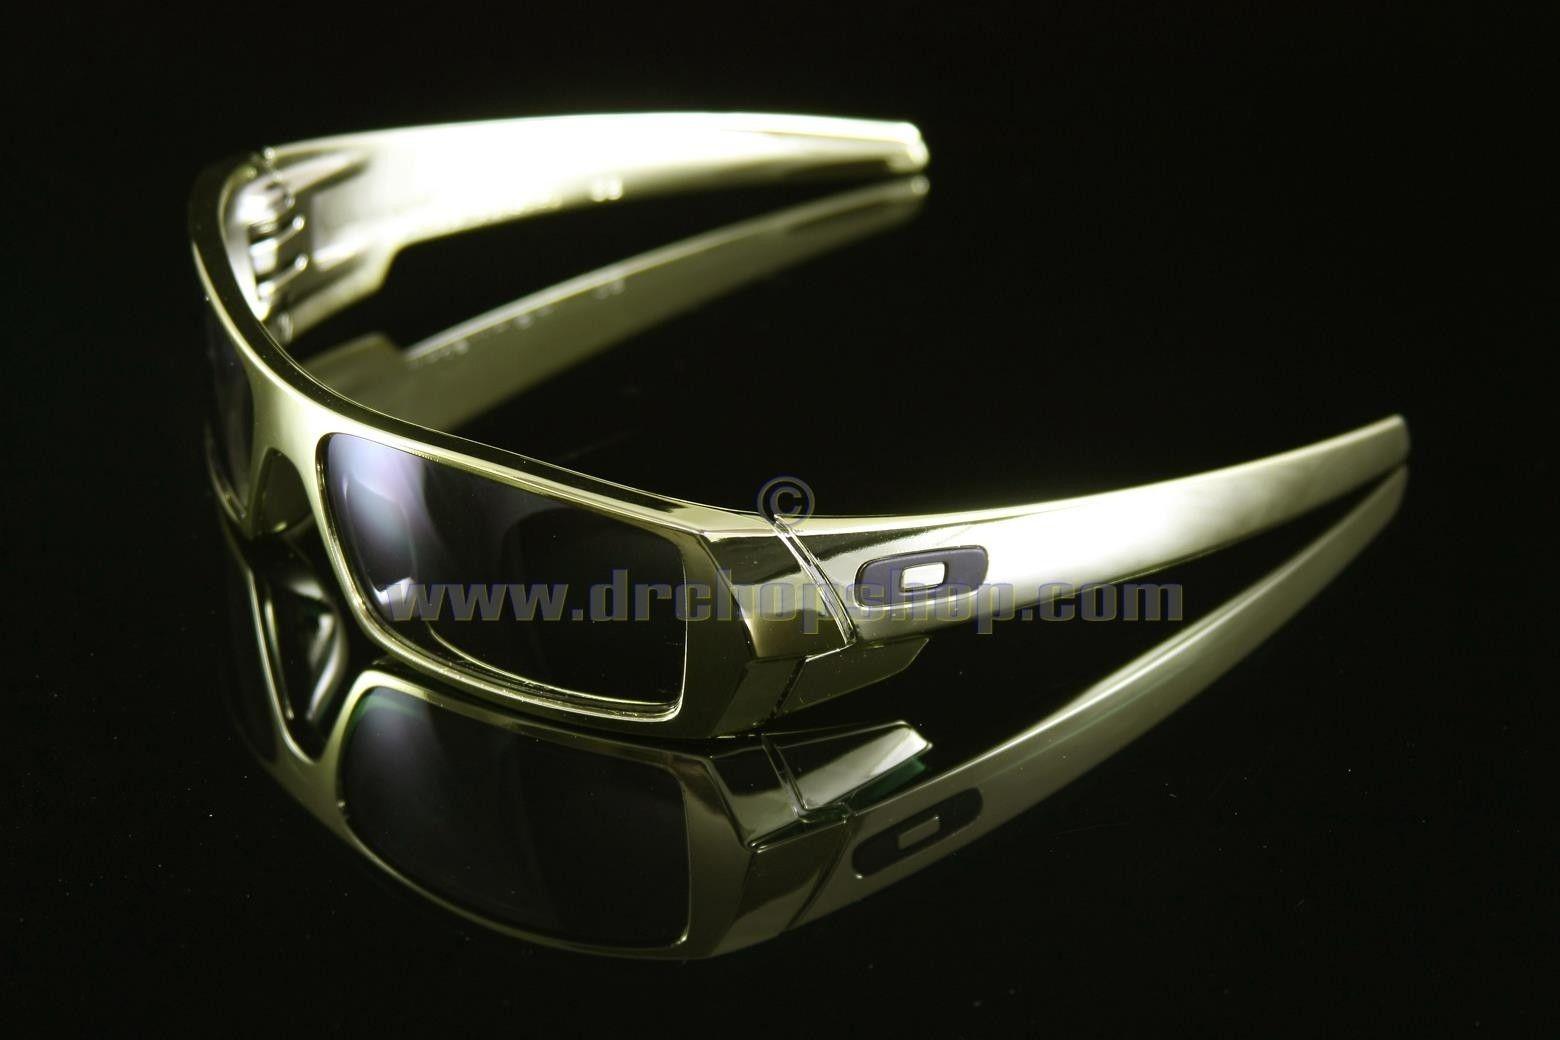 24k Gold, Blue Chrome RJ, New Zero S Custom, & More! - 913994_601833079828382_2122967701_o.jpg